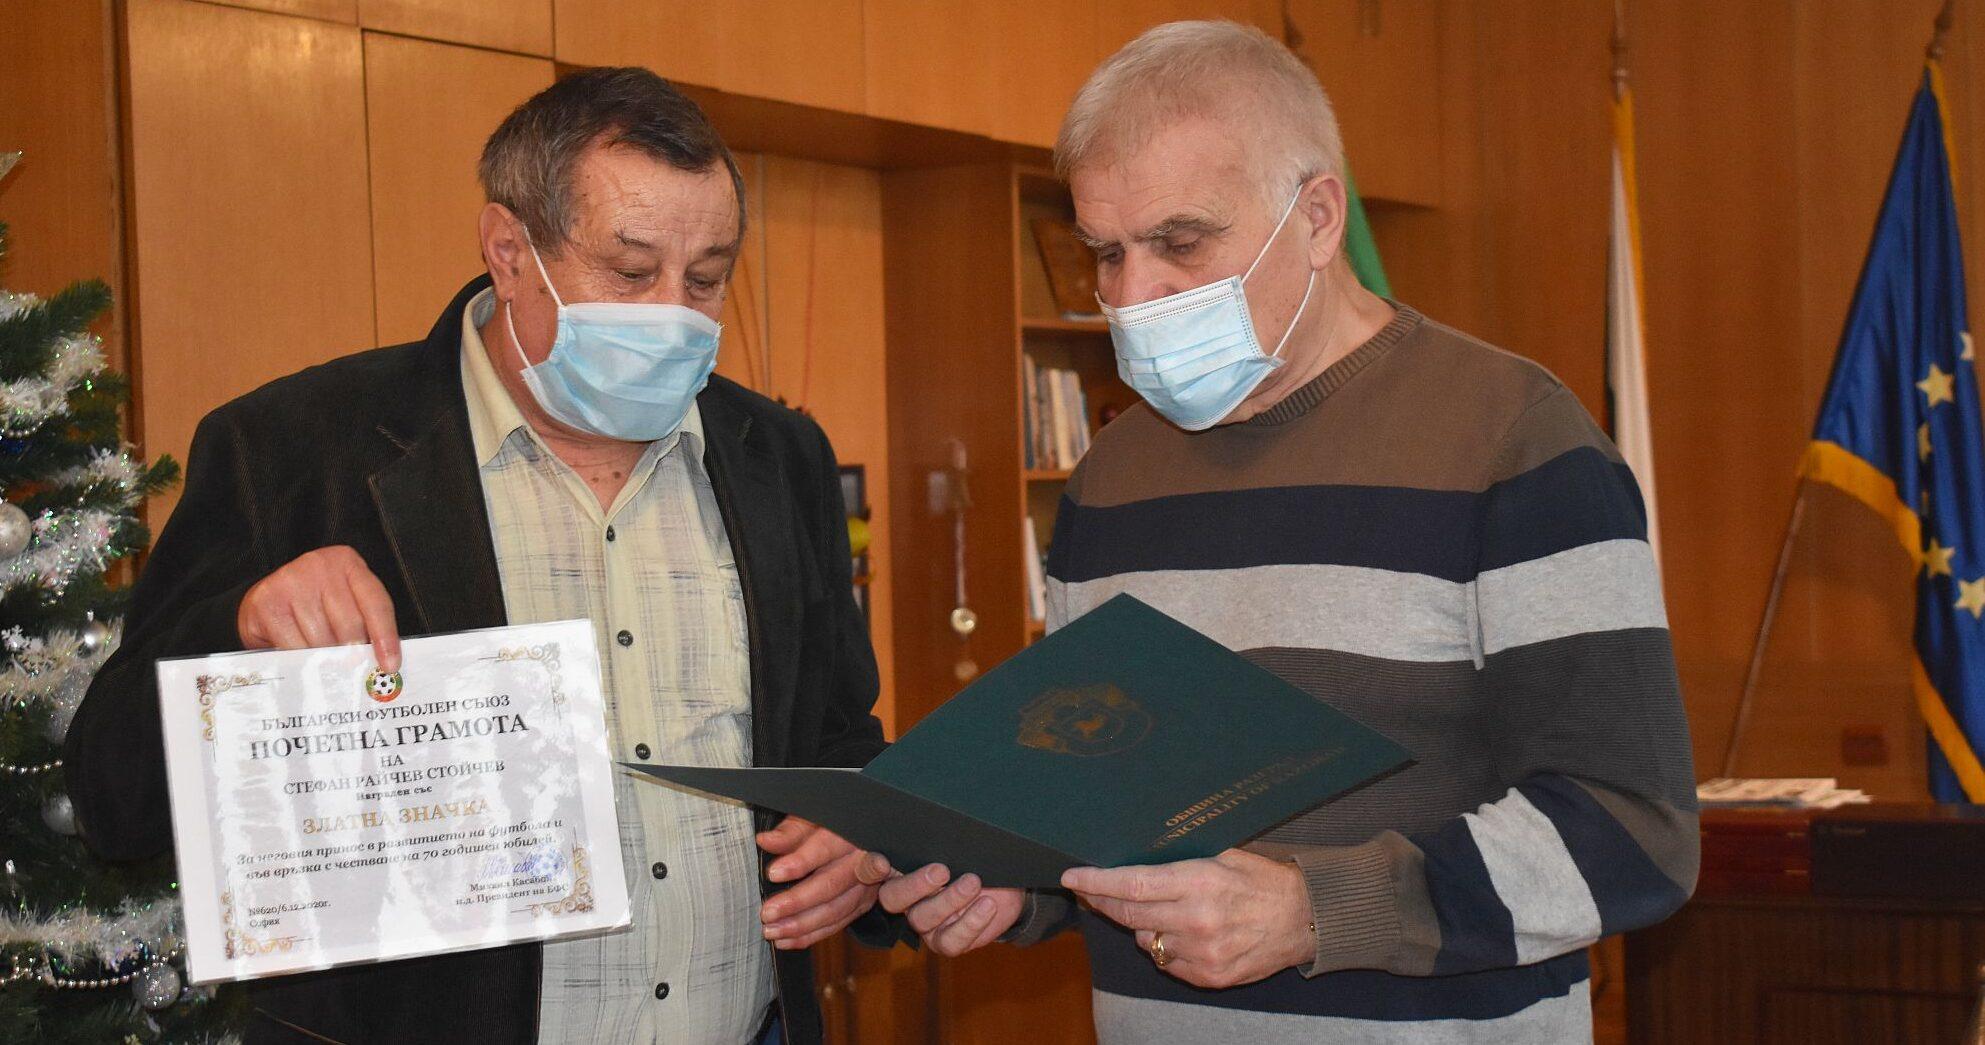 Кметът Денчо Бояджиев поздрави футболния деятел Стефа ...